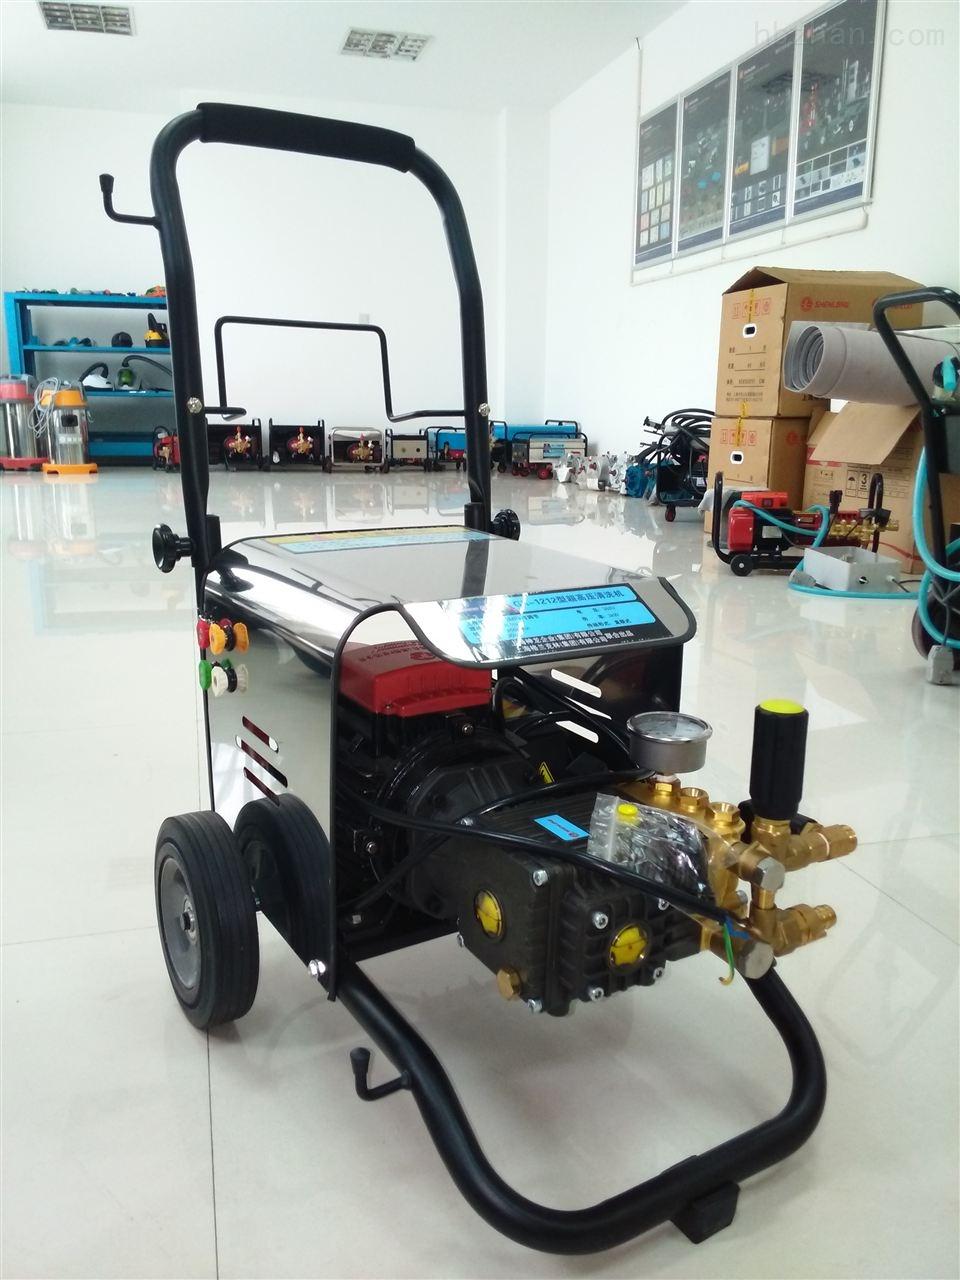 gk-1212 上海神龙gk-1212高压洗车器洗车清洗机